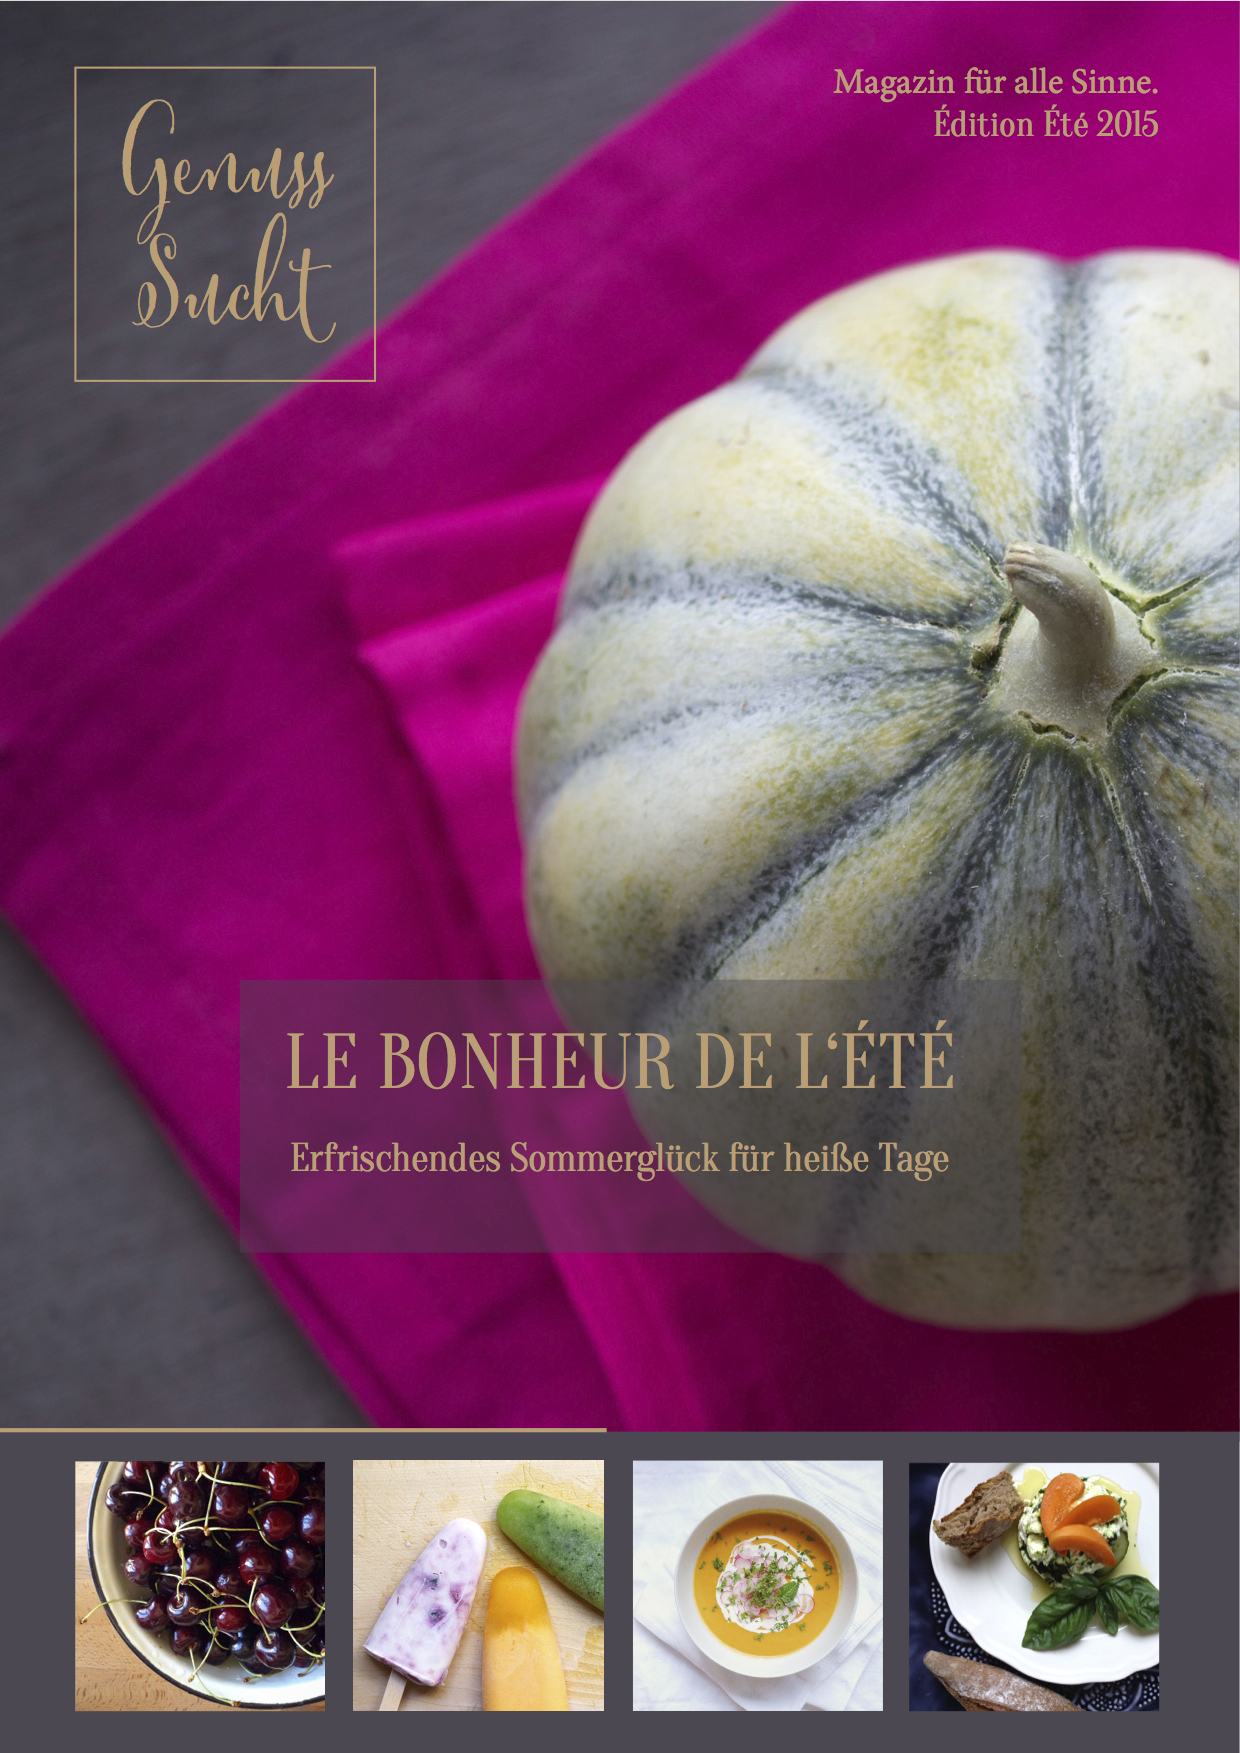 Titel GenussSucht Magazin Édition Été 2015